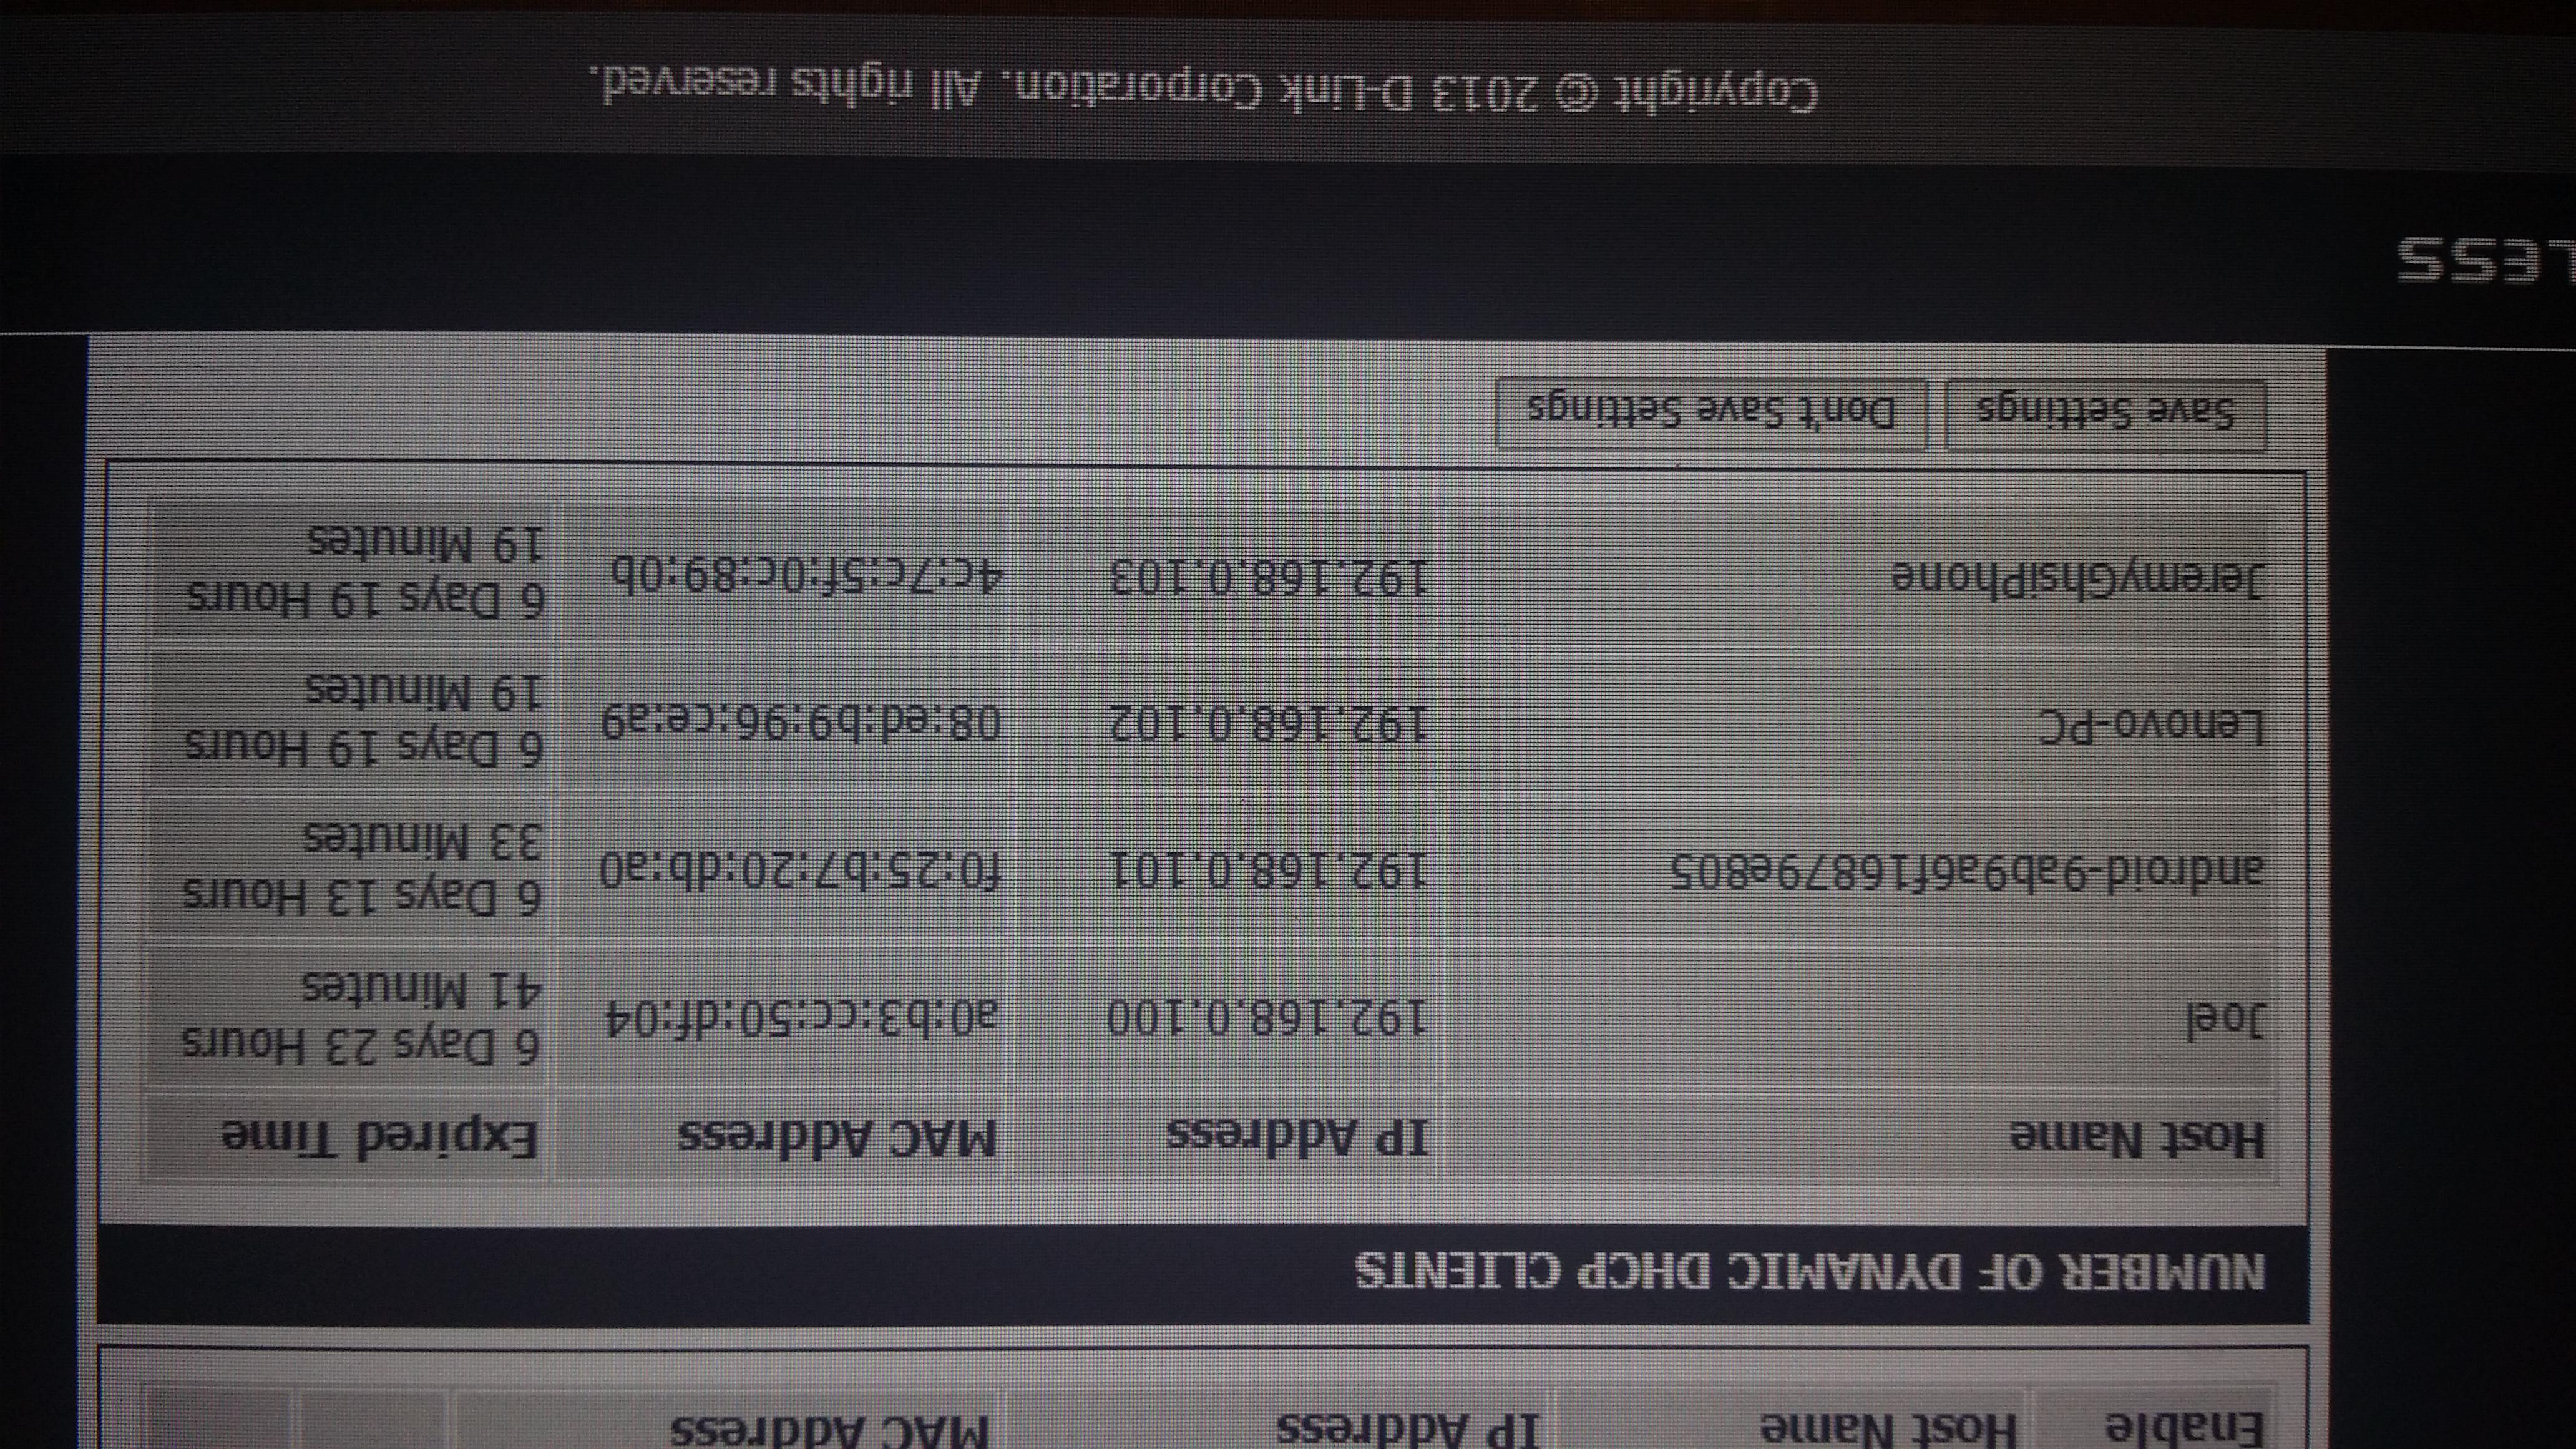 14183347638761580246311.jpg